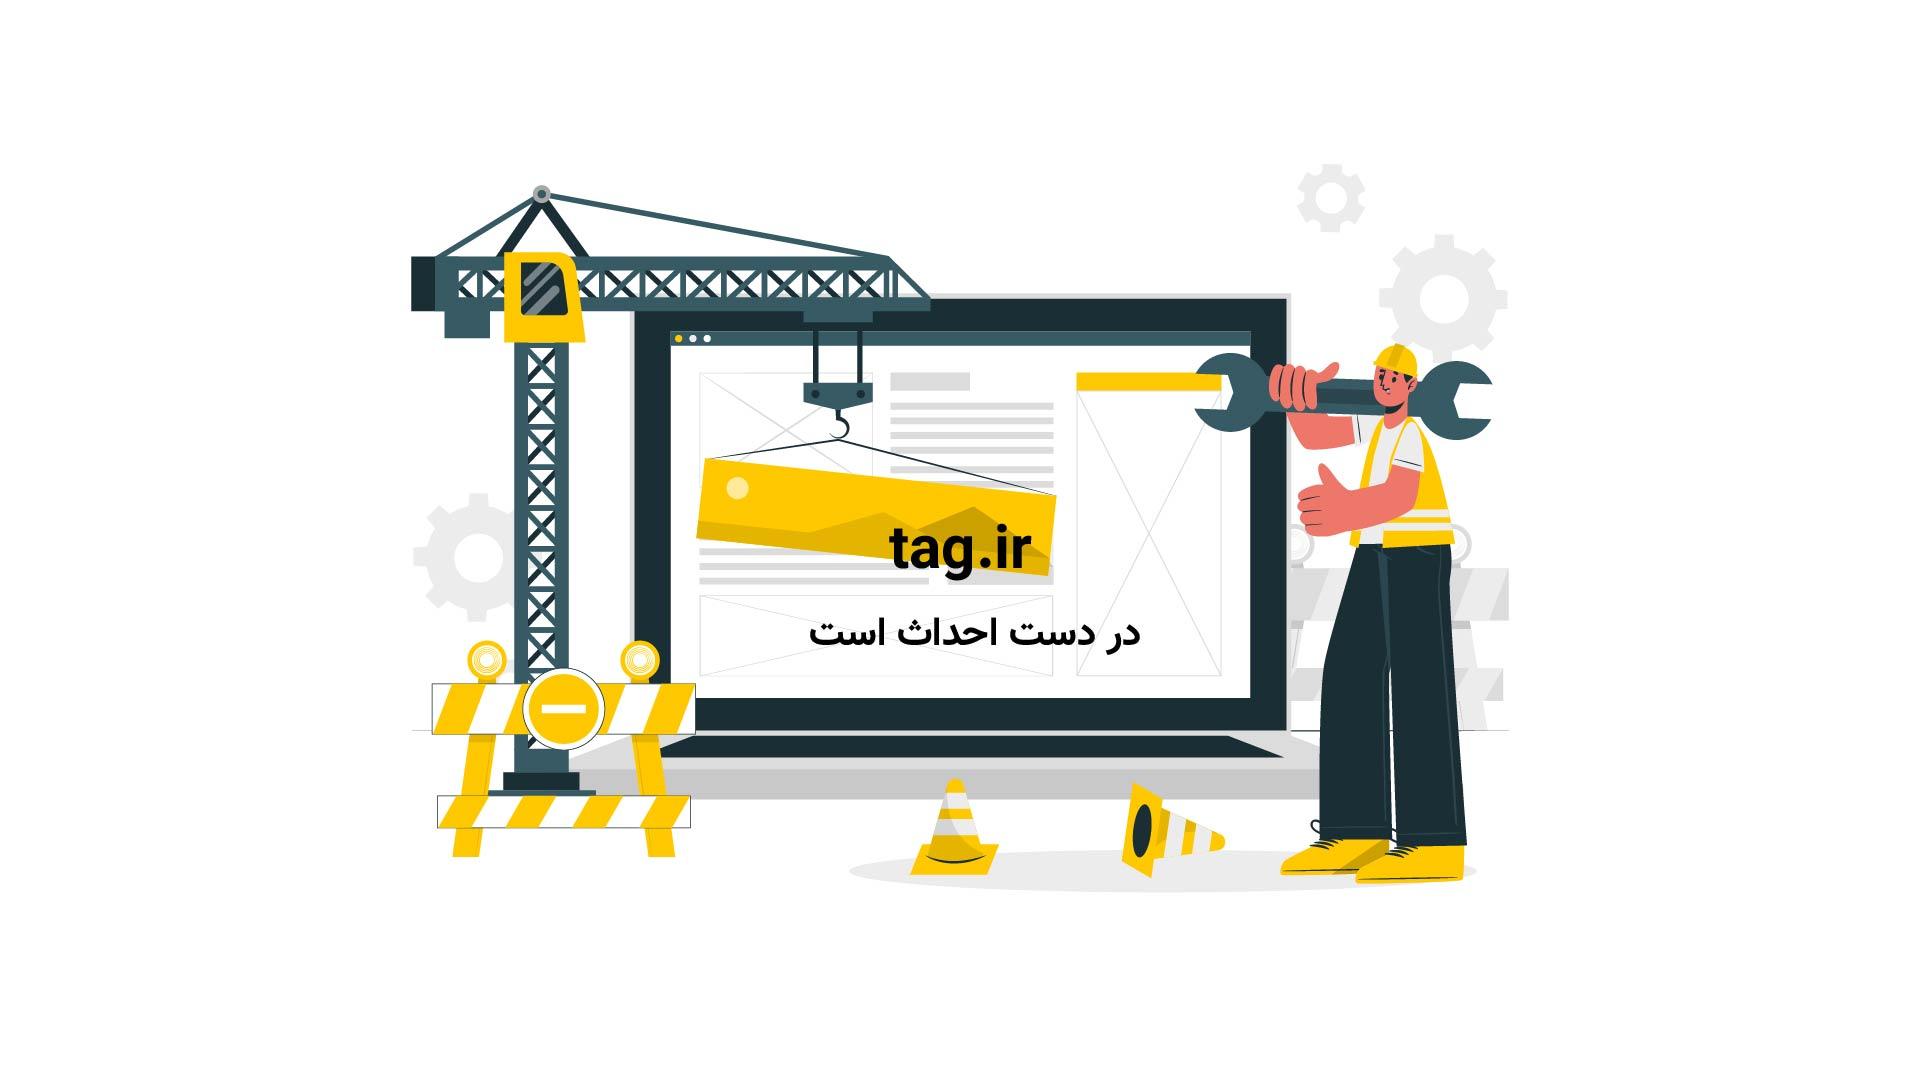 عناوین روزنامههای اقتصادی سهشنبه 23 آذر | فیلم